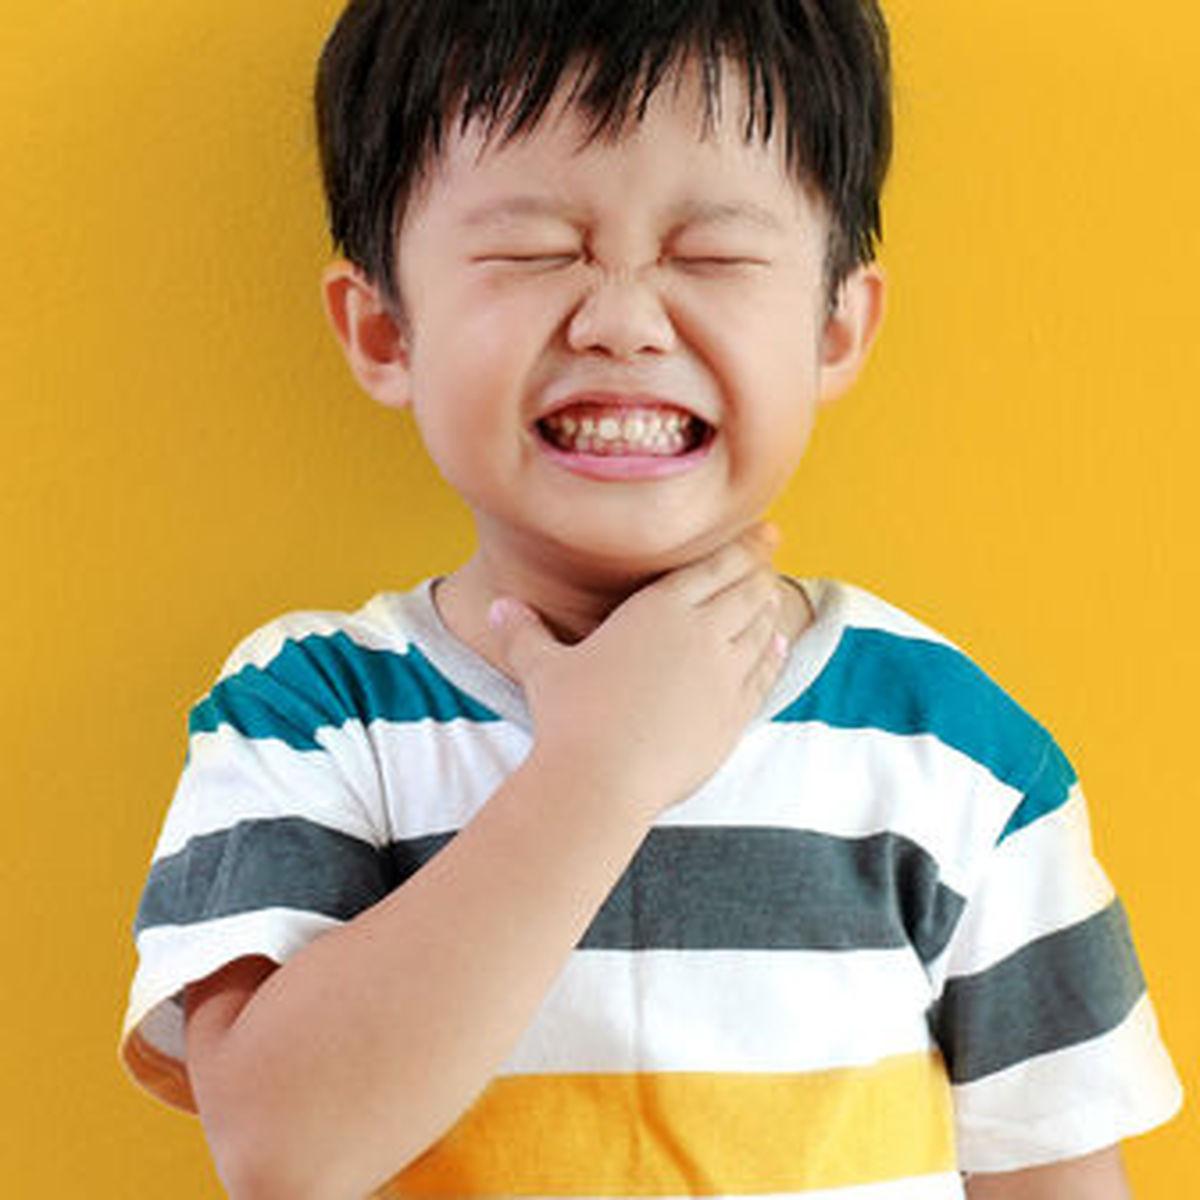 آیا نوع دلتا باعث بیماری شدیدتر در کودکان می شود؟